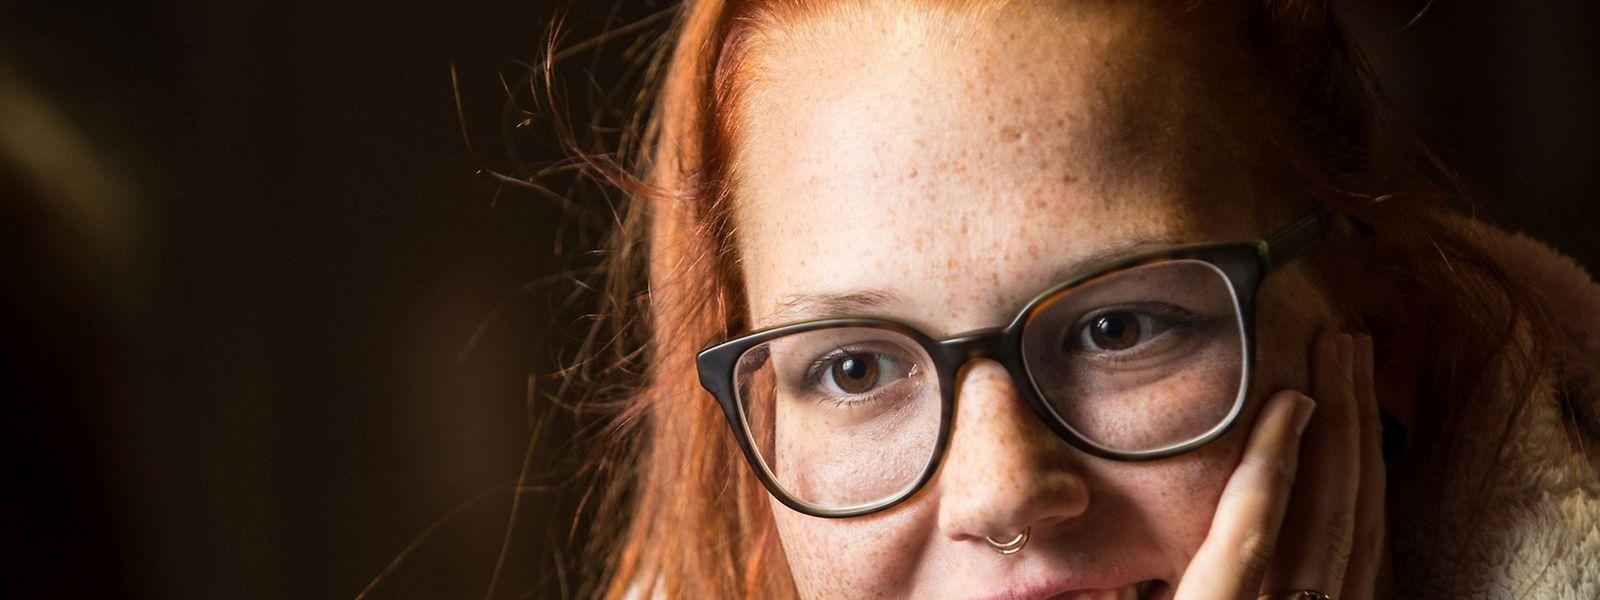 """Stefanie Heinzmann findet Luxemburg """"einfach klasse""""."""